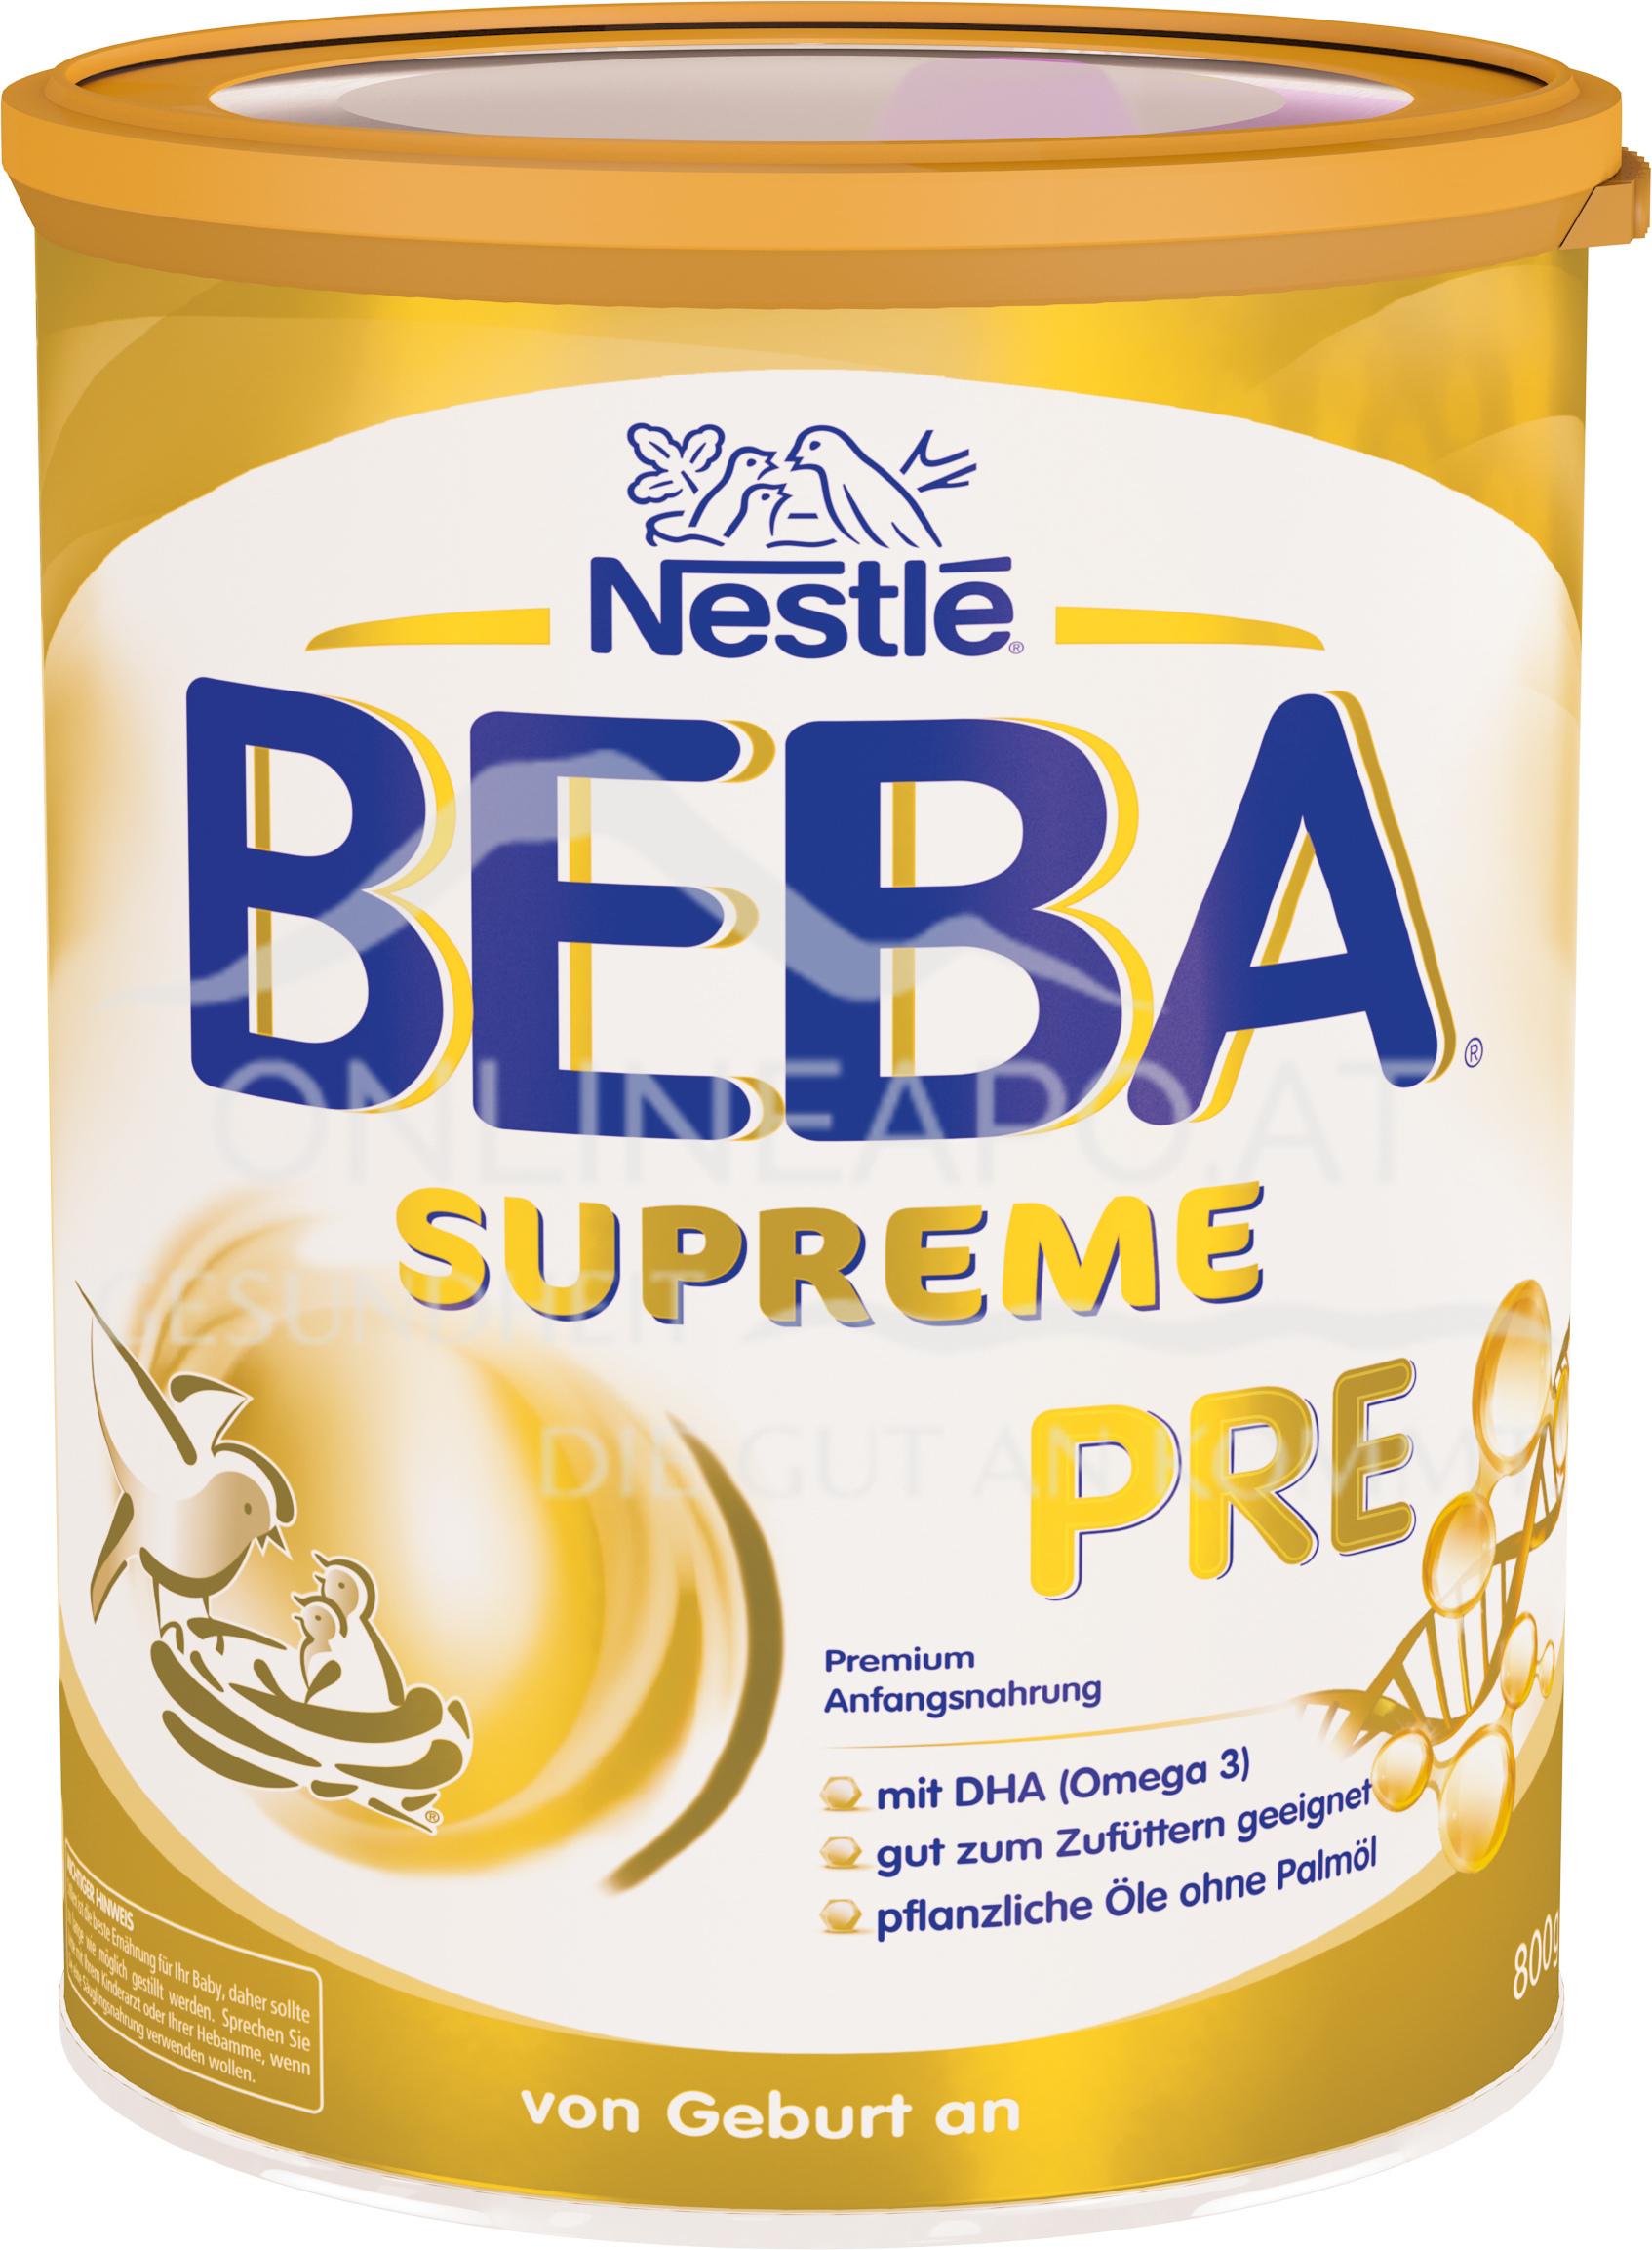 Nestlé BEBA SUPREME PRE